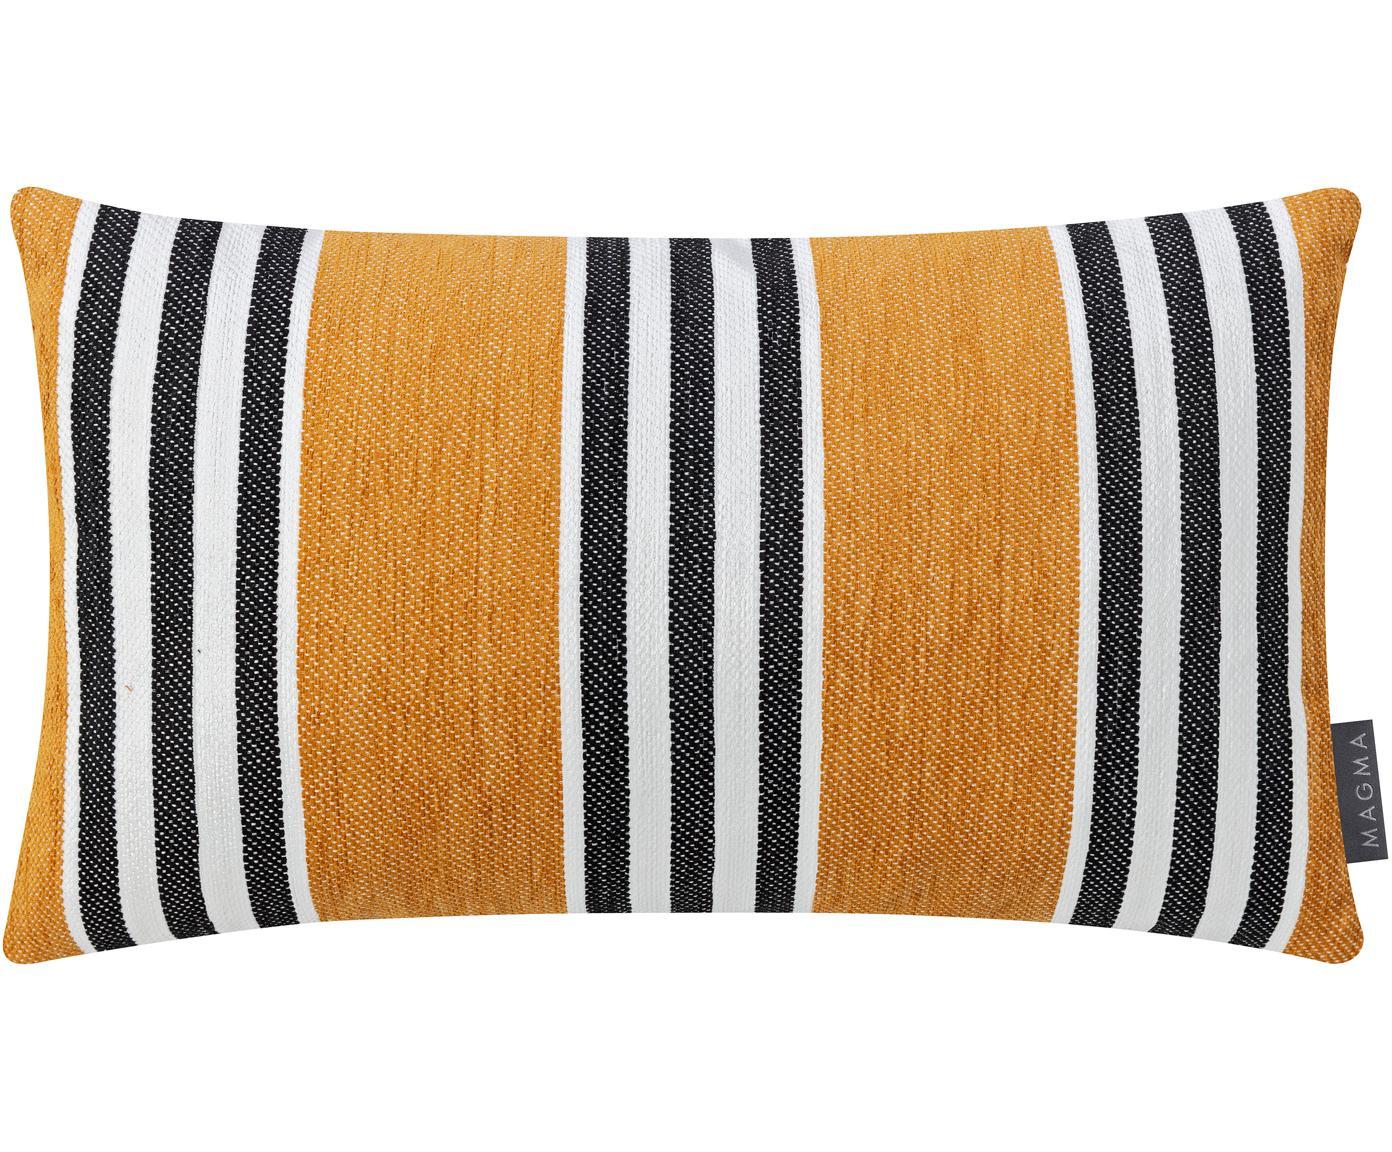 Federa arredo a righe Palermo, Giallo senape, bianco, nero, Larg. 30 x Lung. 50 cm